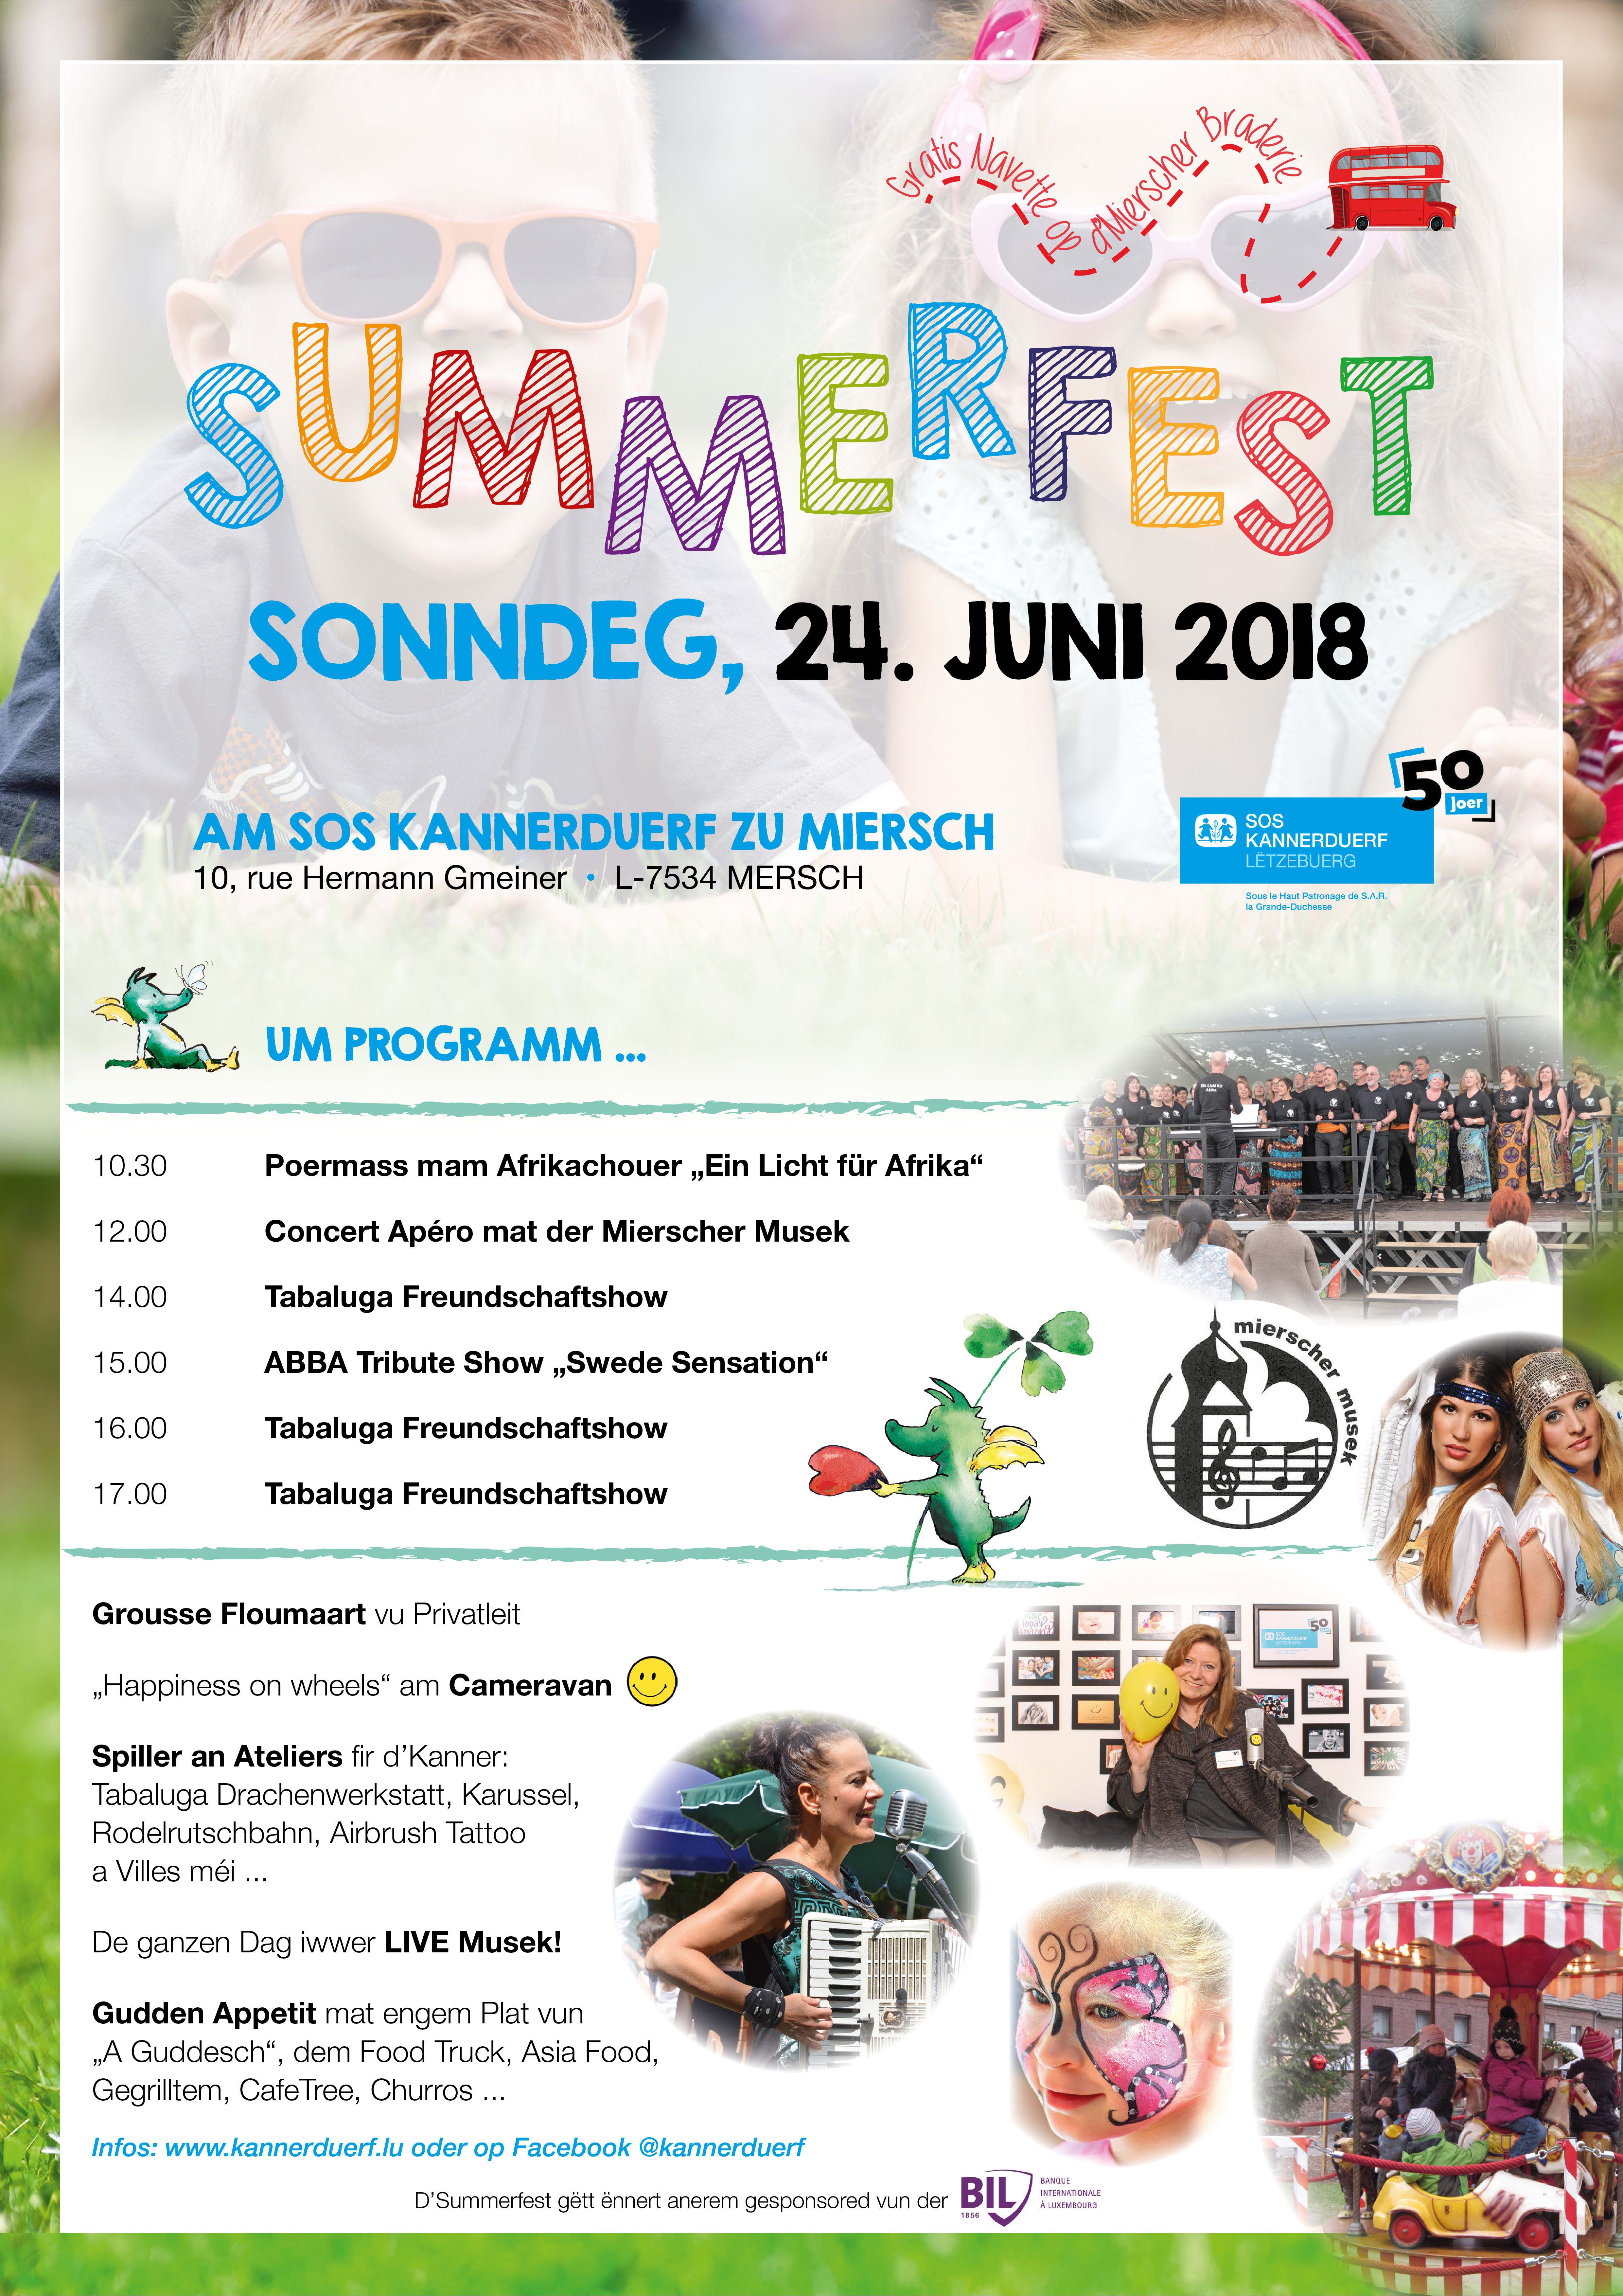 programm_summerfest_kannerduerf.jpg